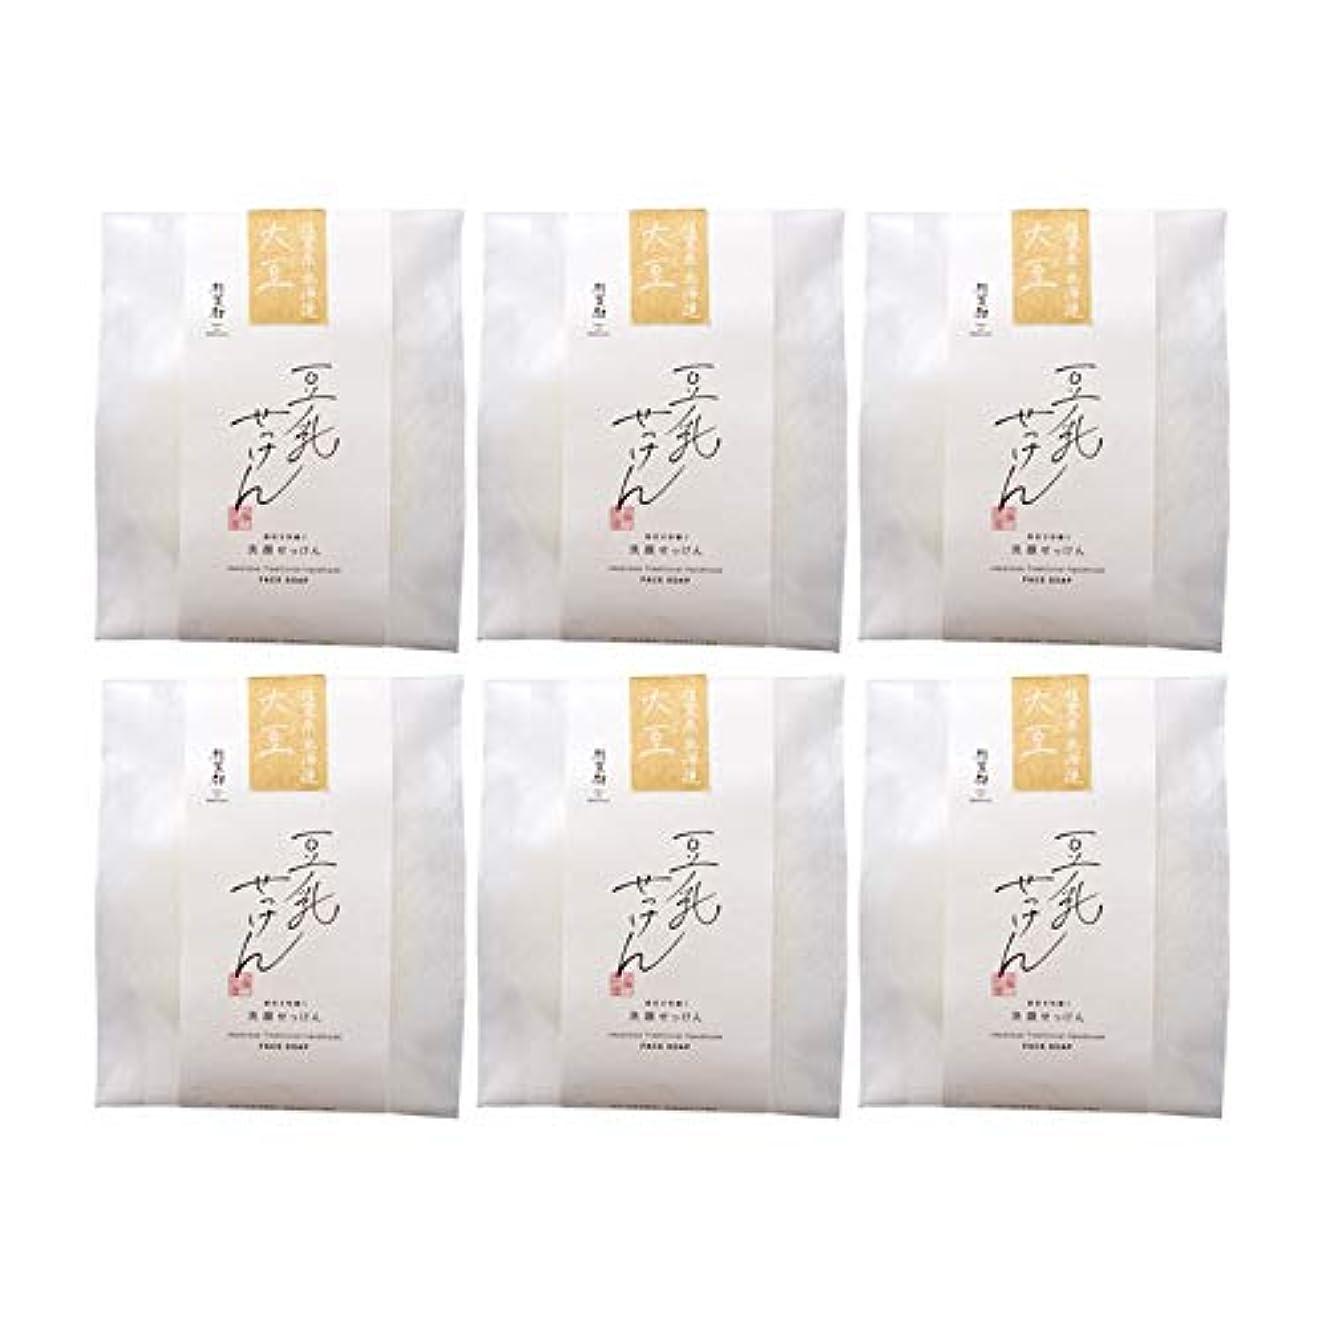 なしで発生マエストロ豆腐の盛田屋 豆乳せっけん 自然生活 100g×6個セット